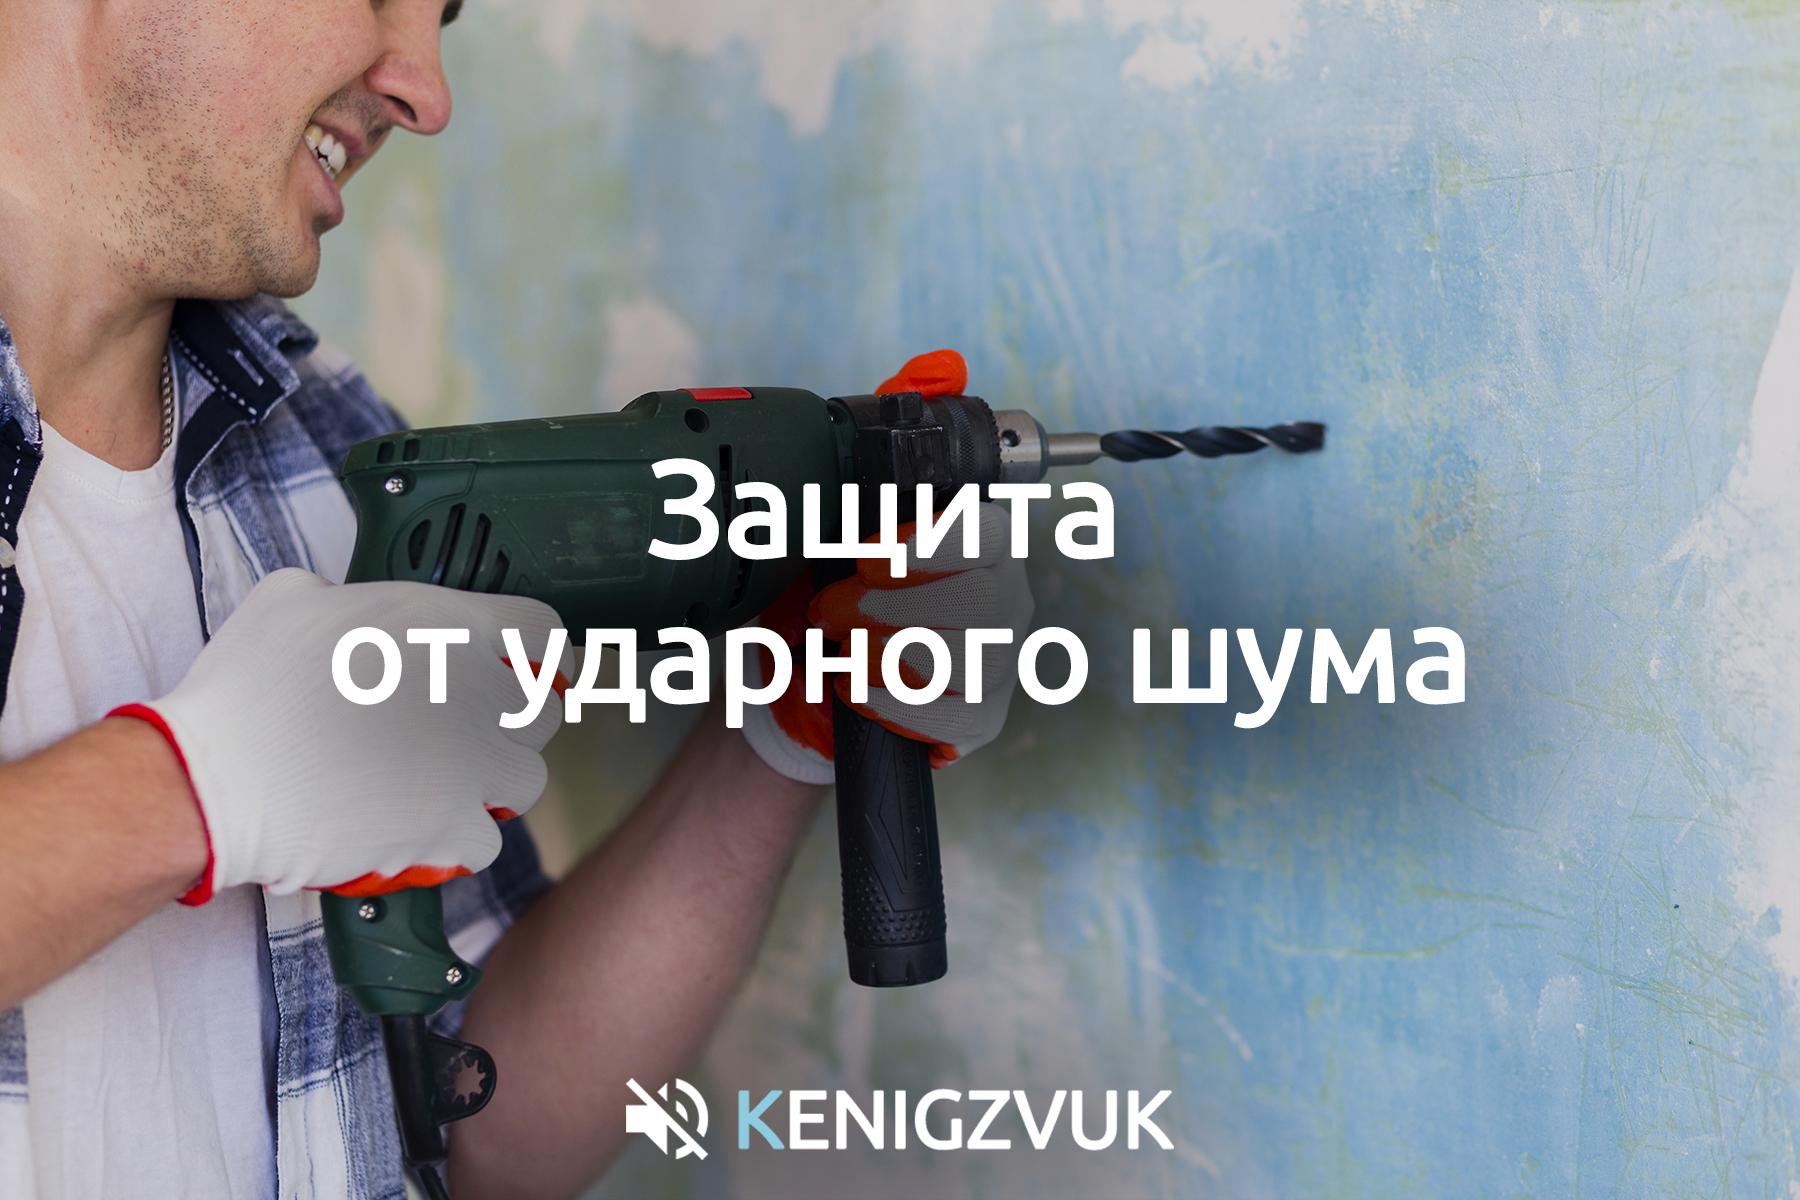 KenigZvuk   Звукоизоляция Калининград - Защита от ударного шума